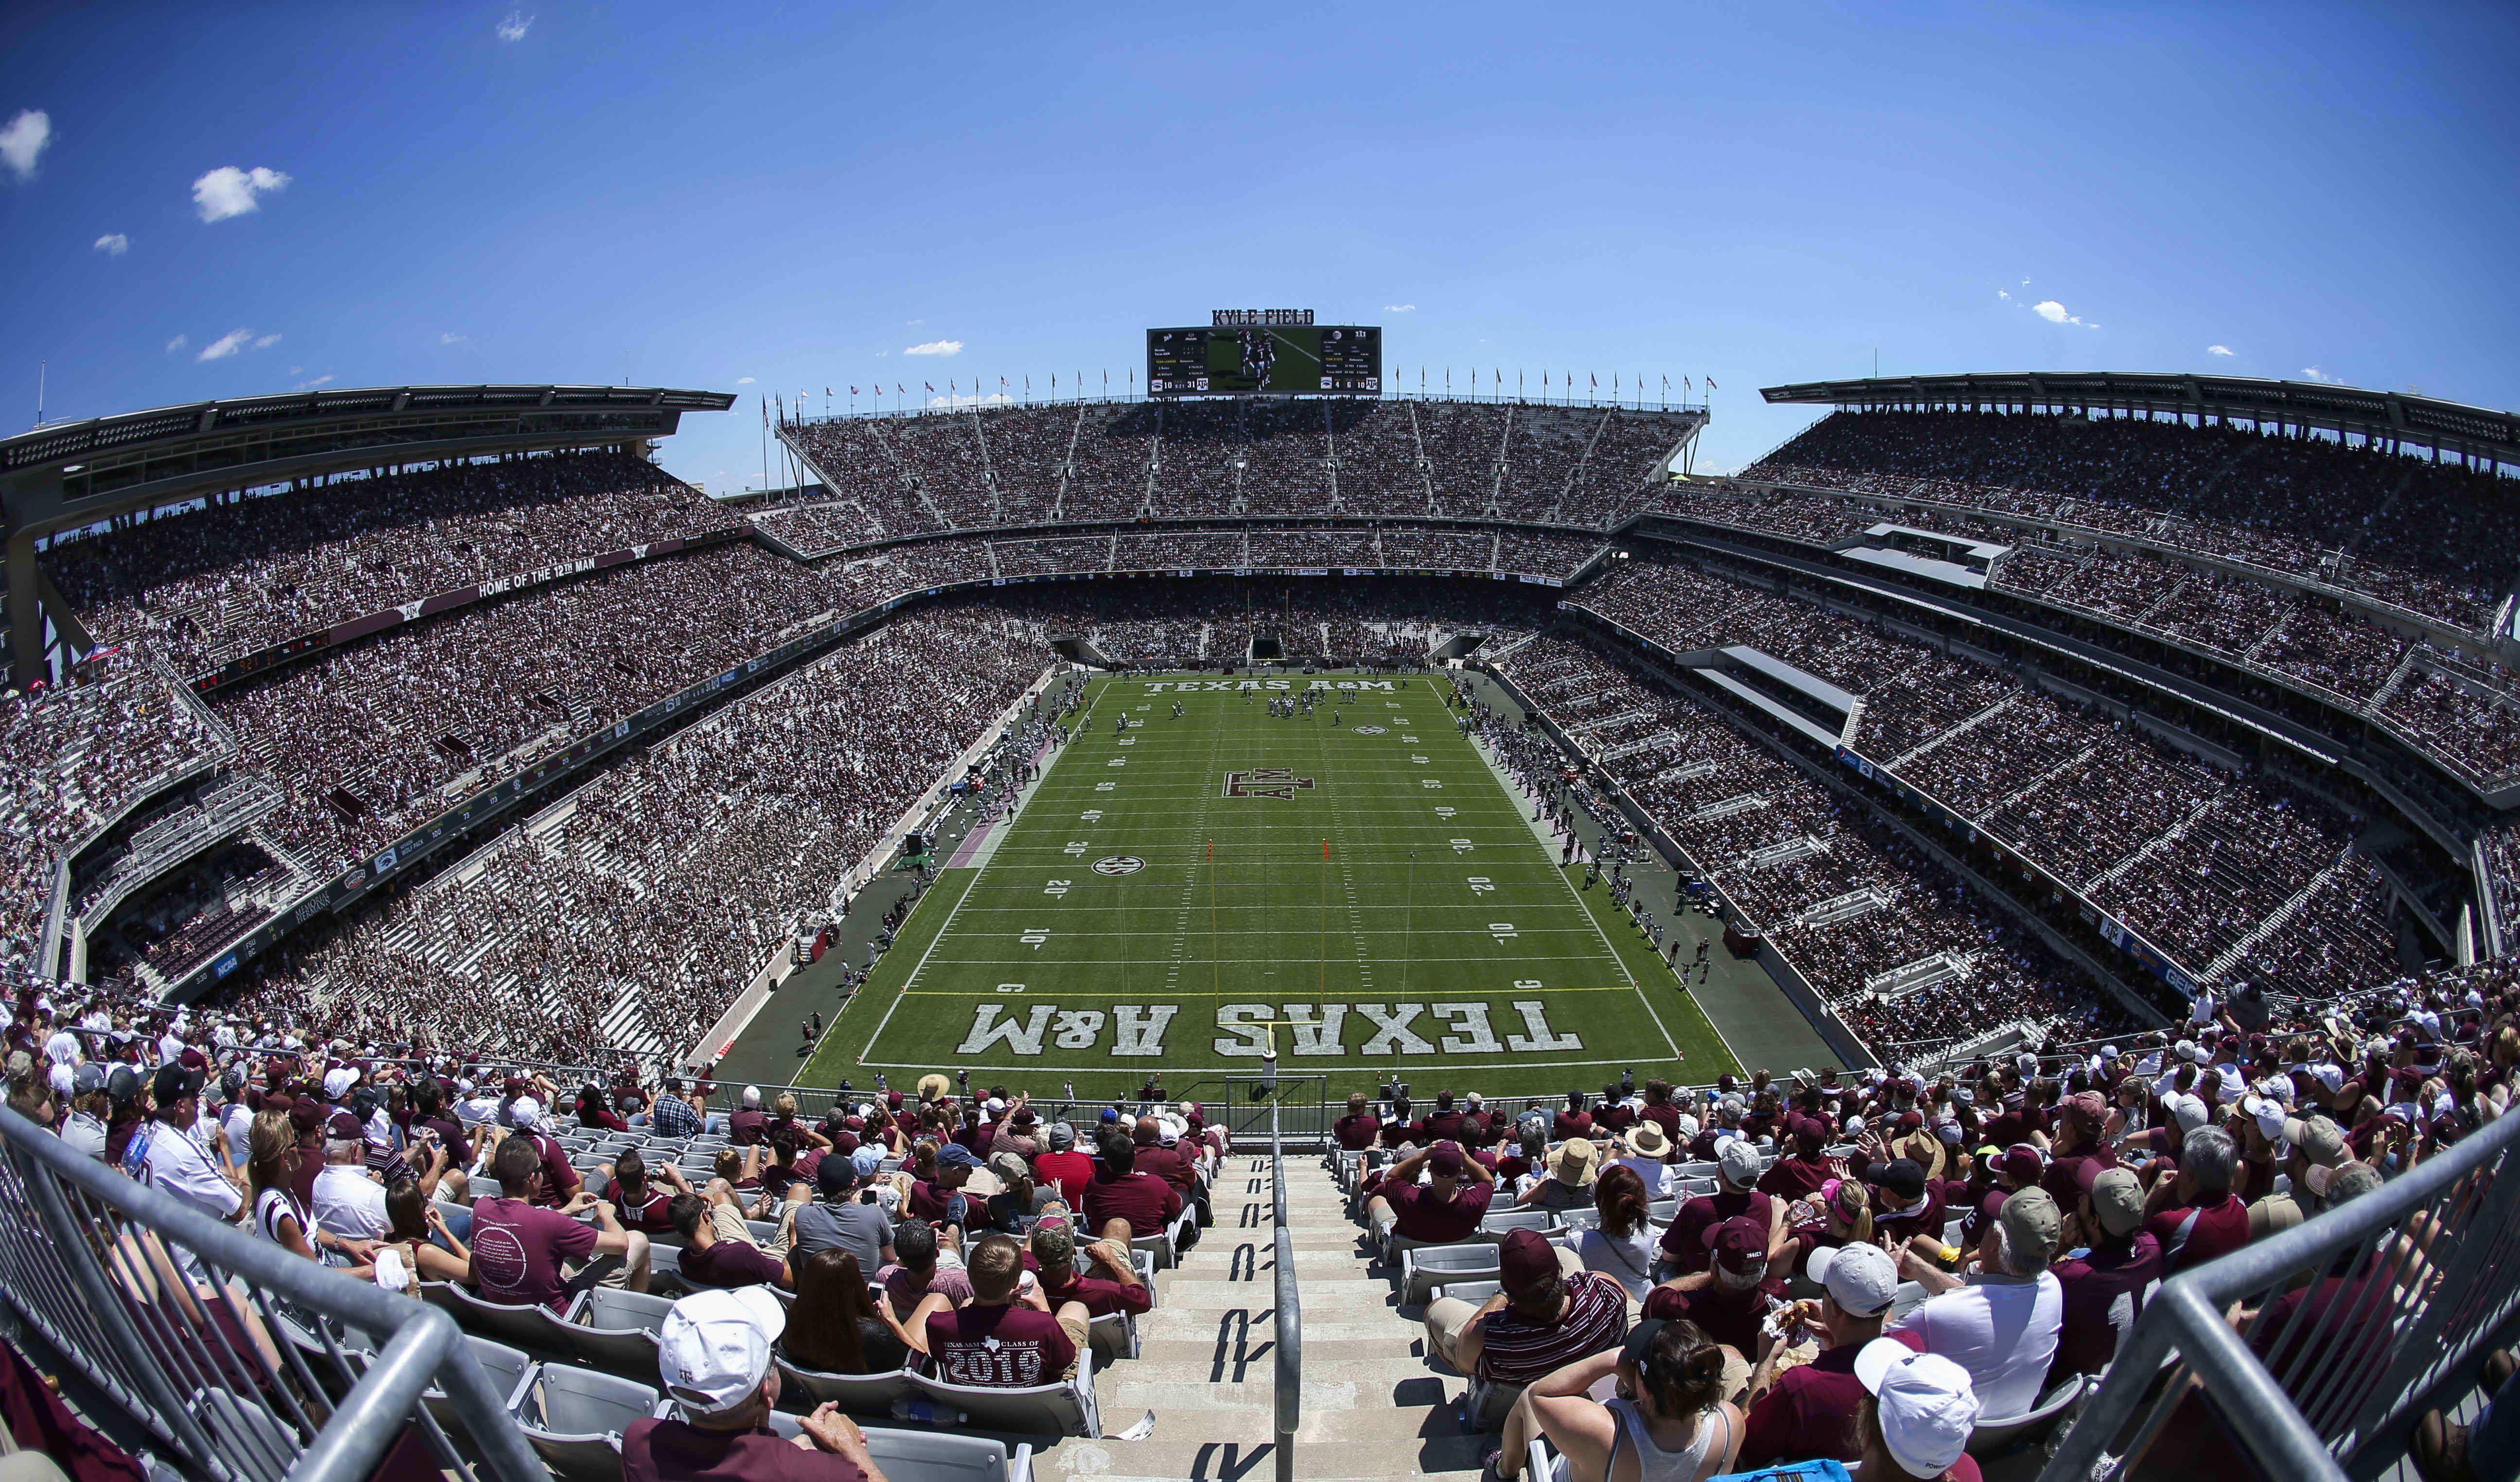 Texas A&M Football, Texas A&M Recruiting